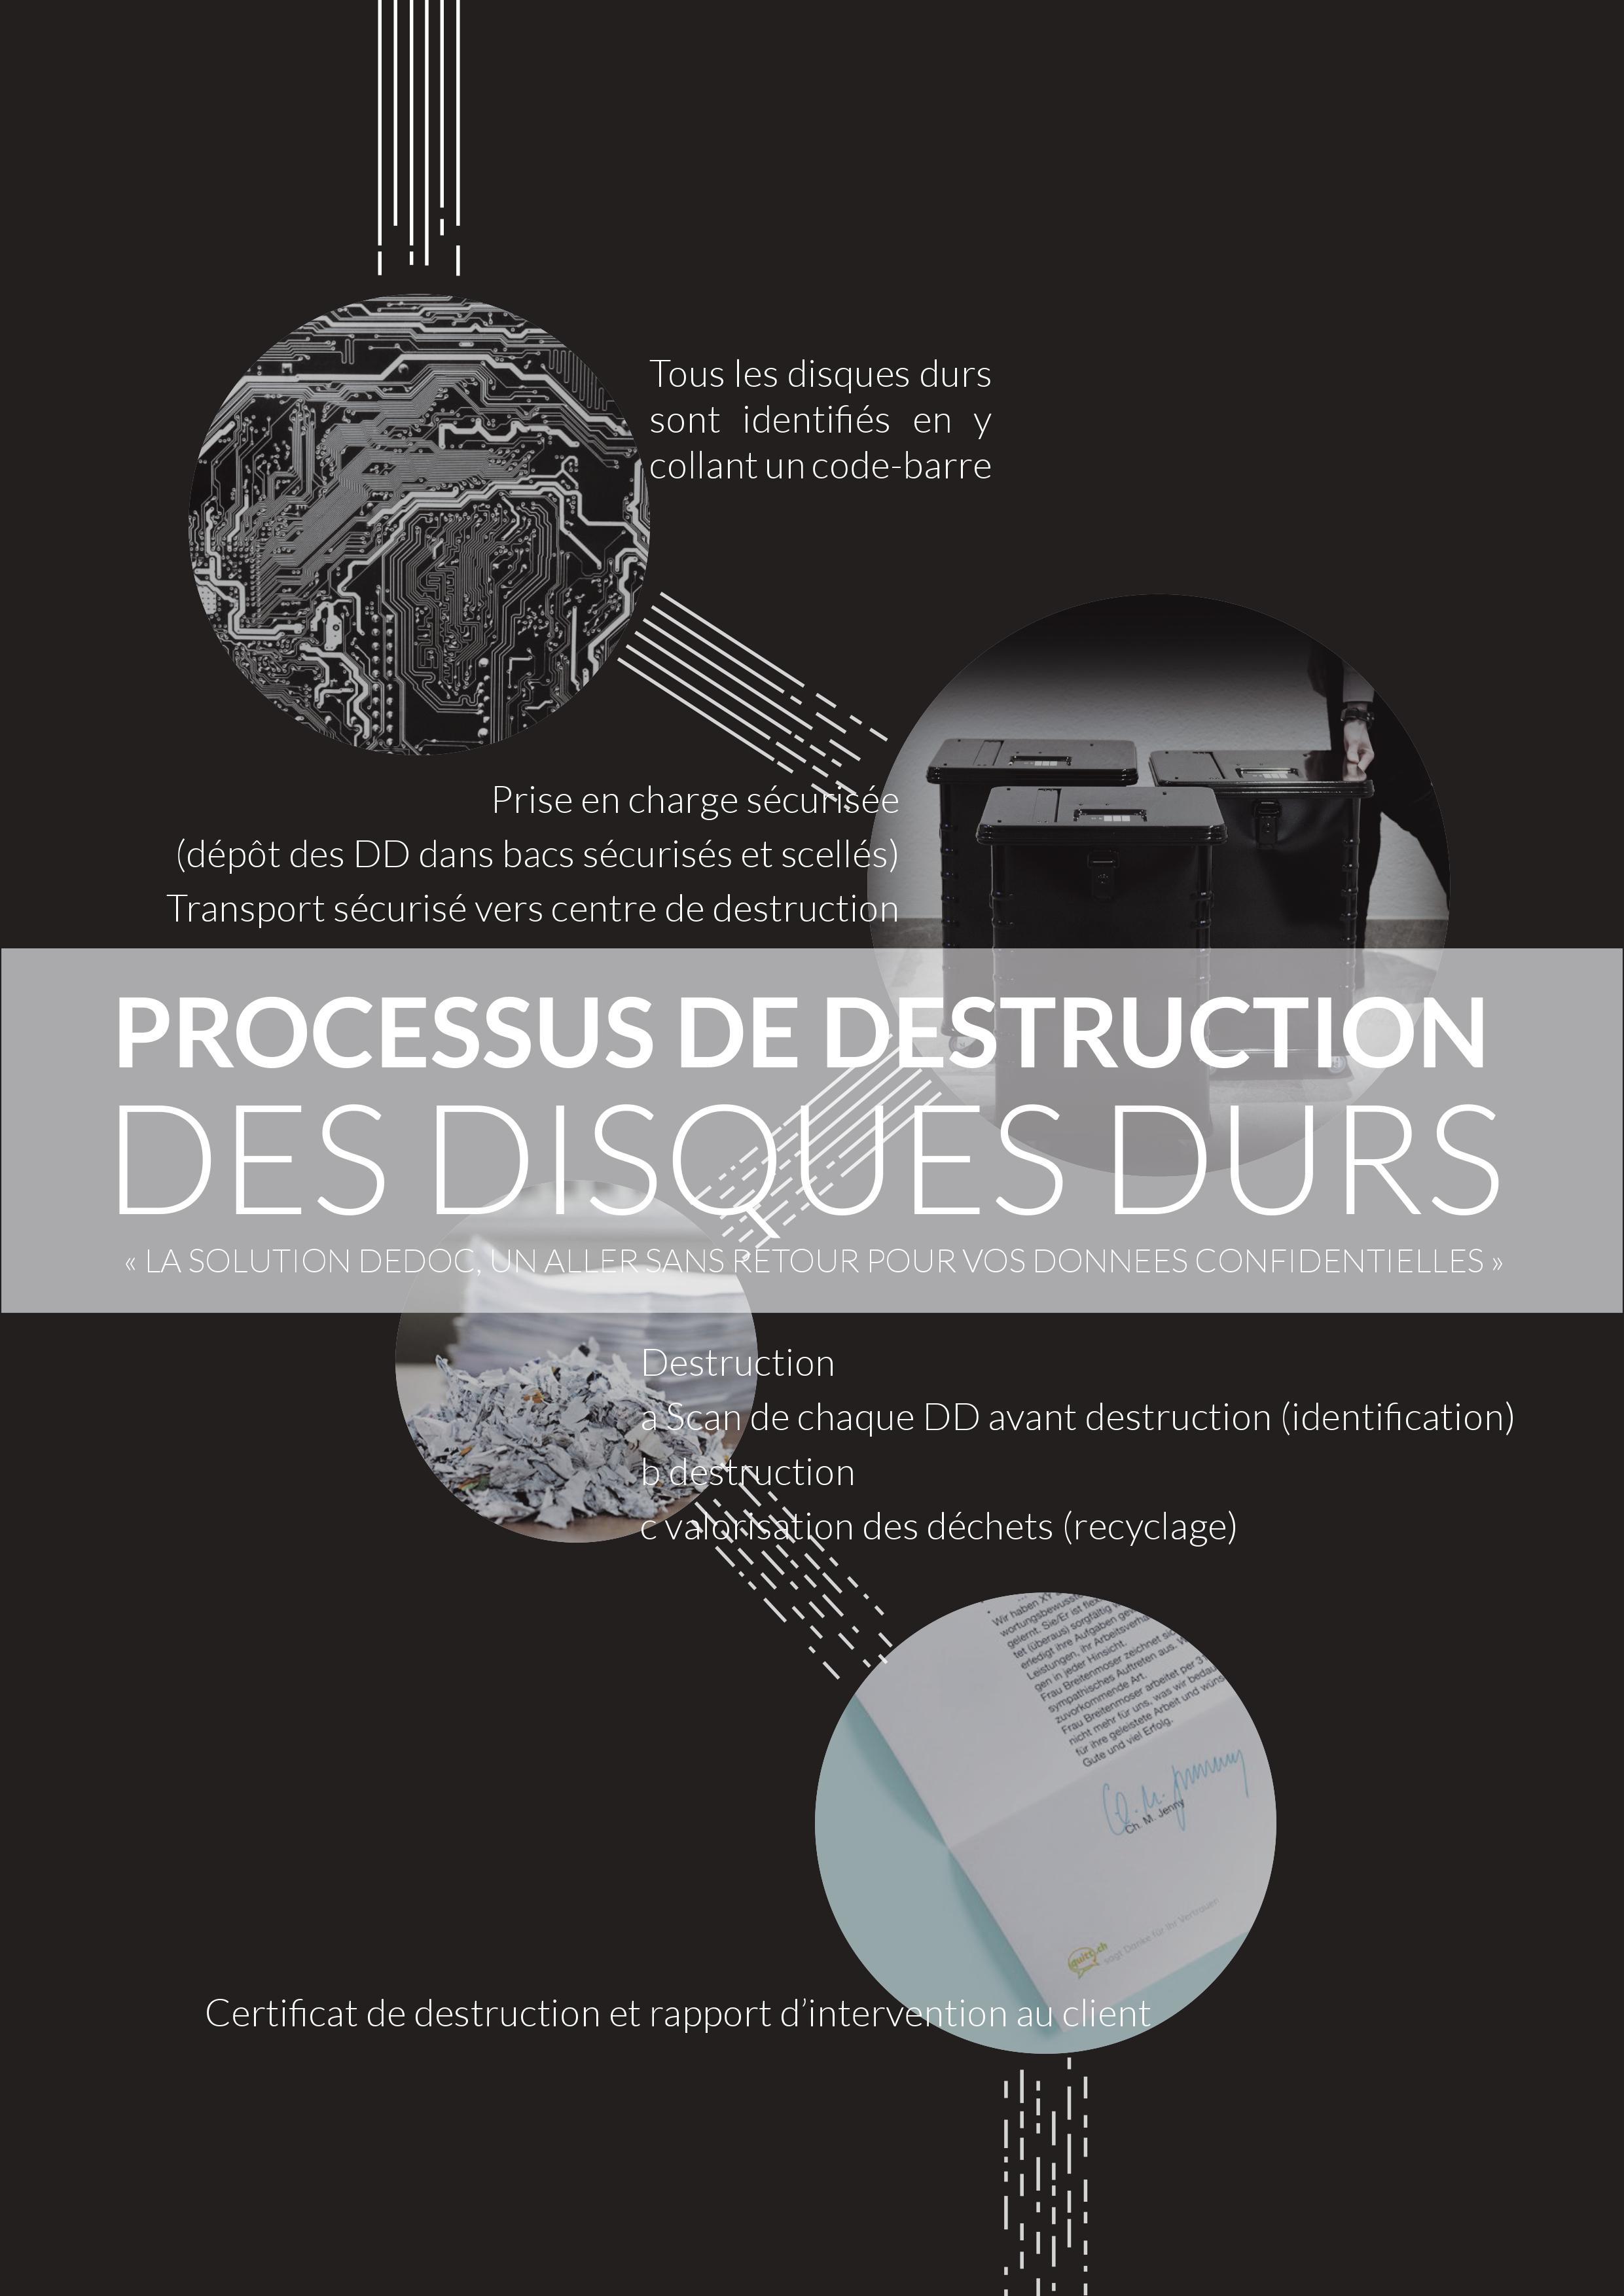 Destruction de disques durs et matériel informatique